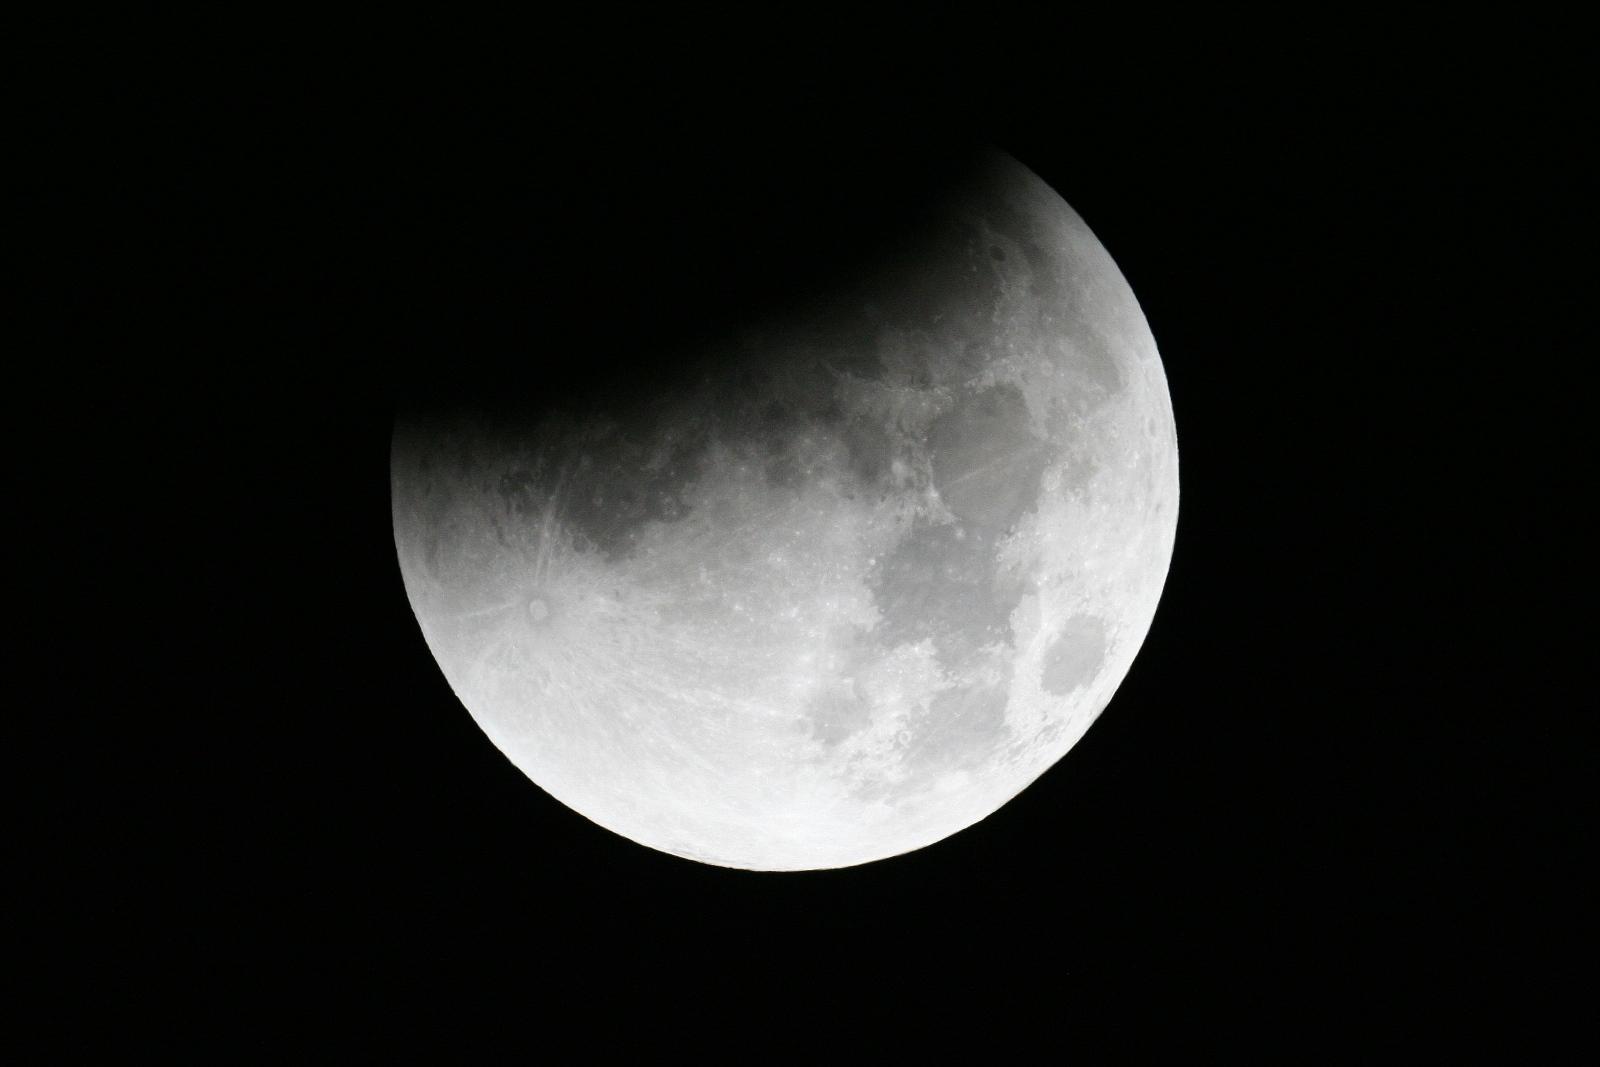 teilverfinsterter Mond um 03:24 utc+2h